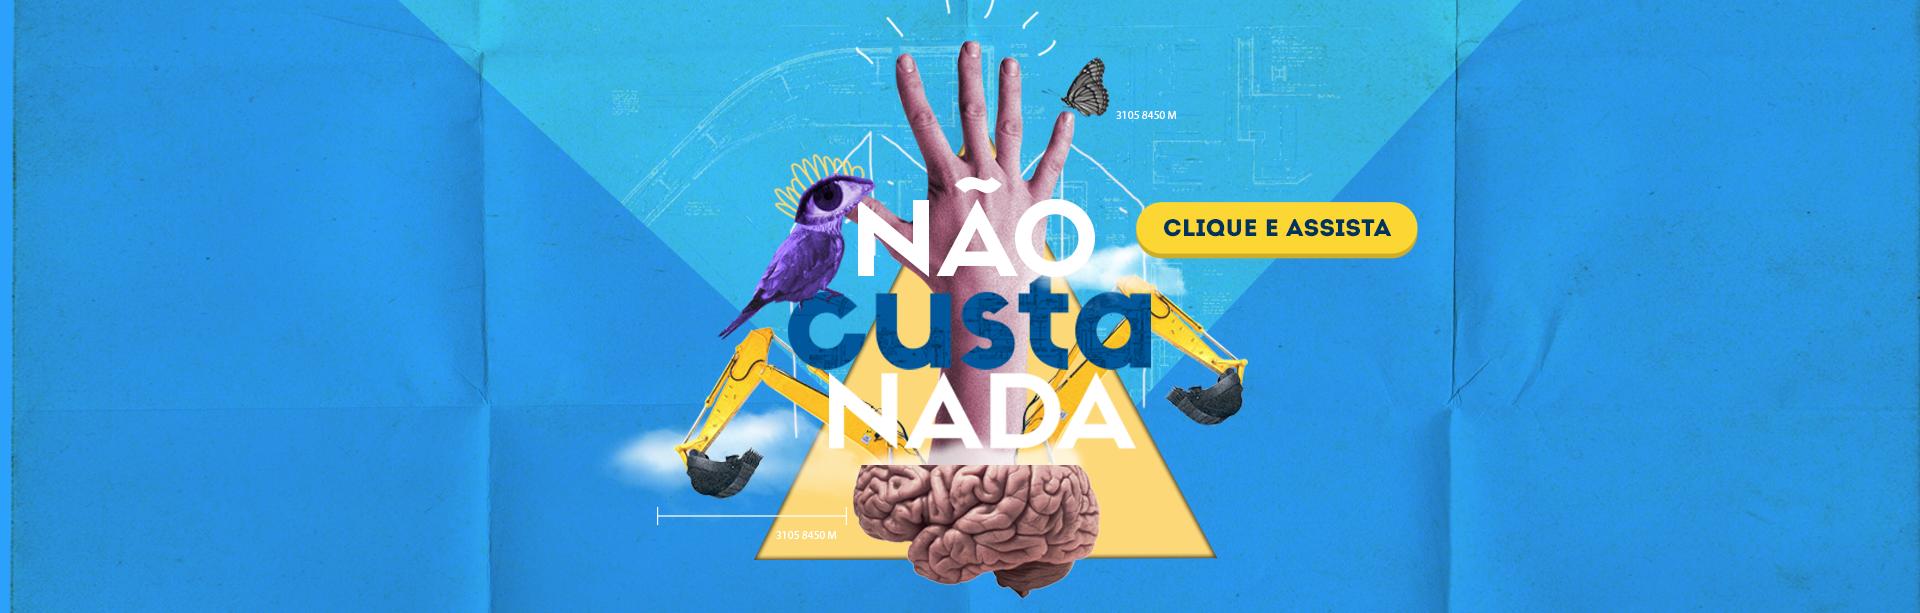 banner_site_naocustanada_cdt